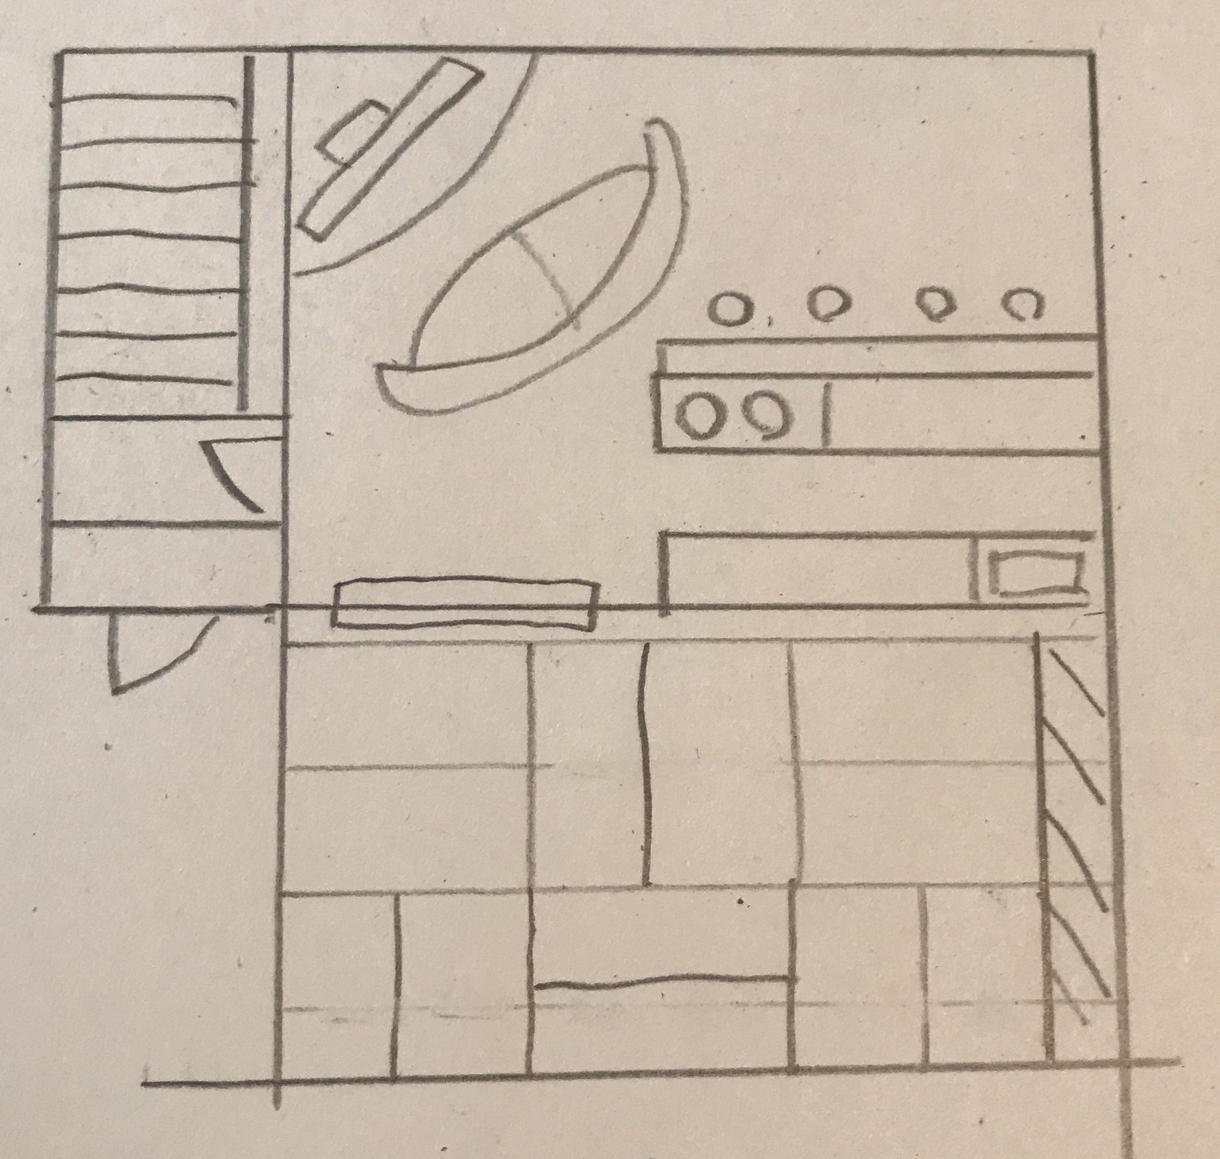 一般の人の気持ちでとても良い家のデザインを考えます 一般の人目線で良い家を作りたいあなたへ